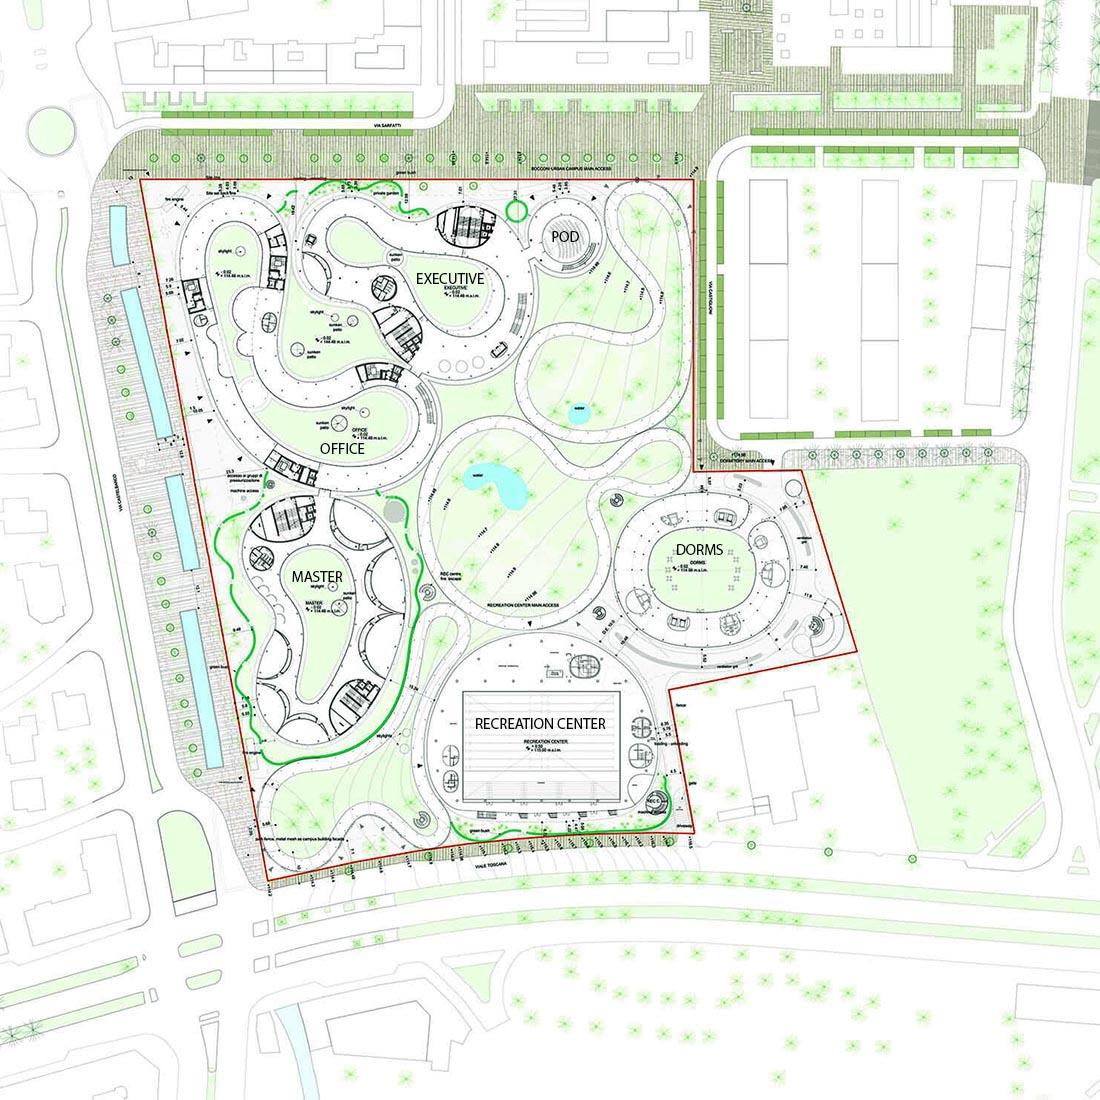 Recreation Center del campus Bocconi in via Castiglioni a Milano - Masterplan del campus Bocconi